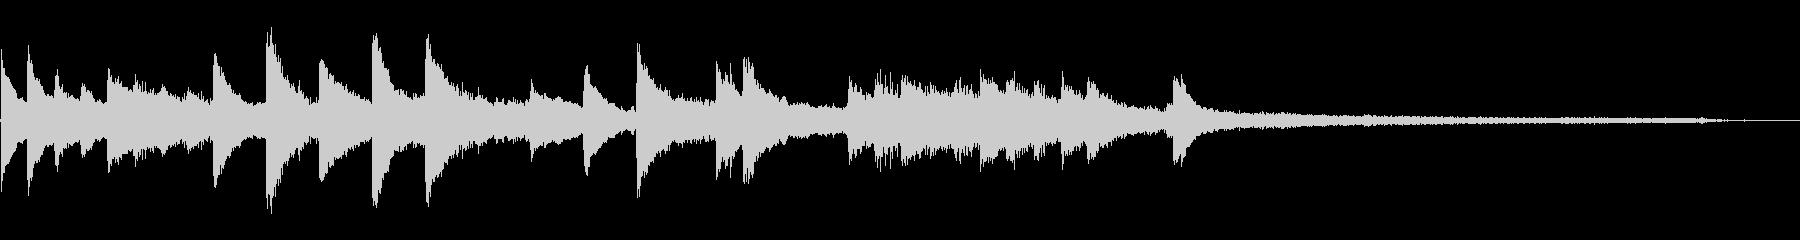 穏やかなジングル(ピアノ・ストリングス)の未再生の波形